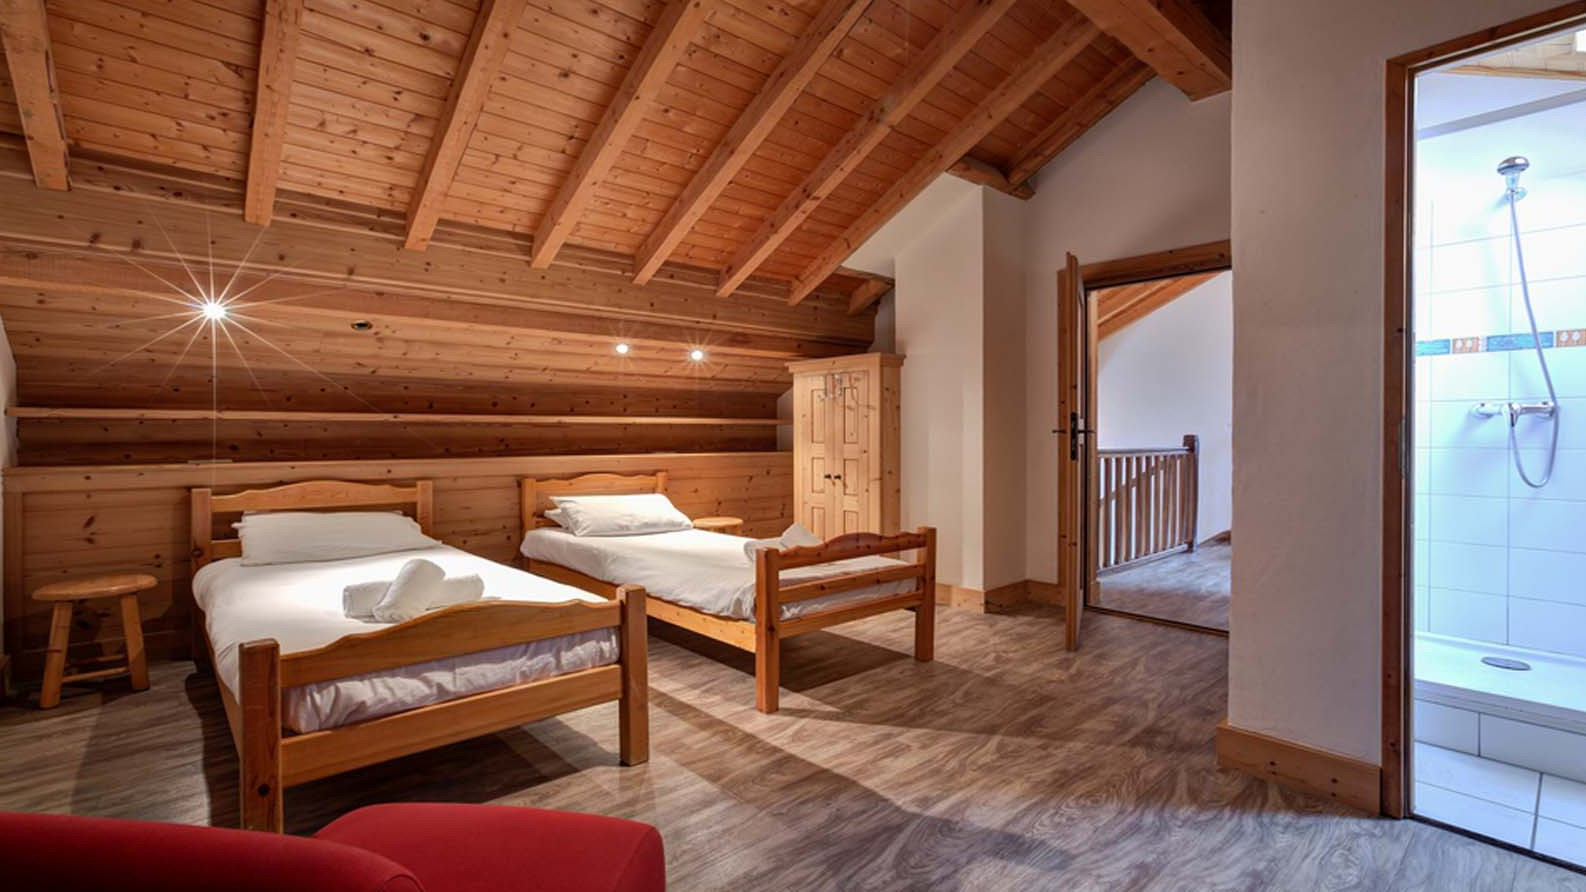 Twin Bedroom, Chalet Elodie - ski chalet in Meribel, France